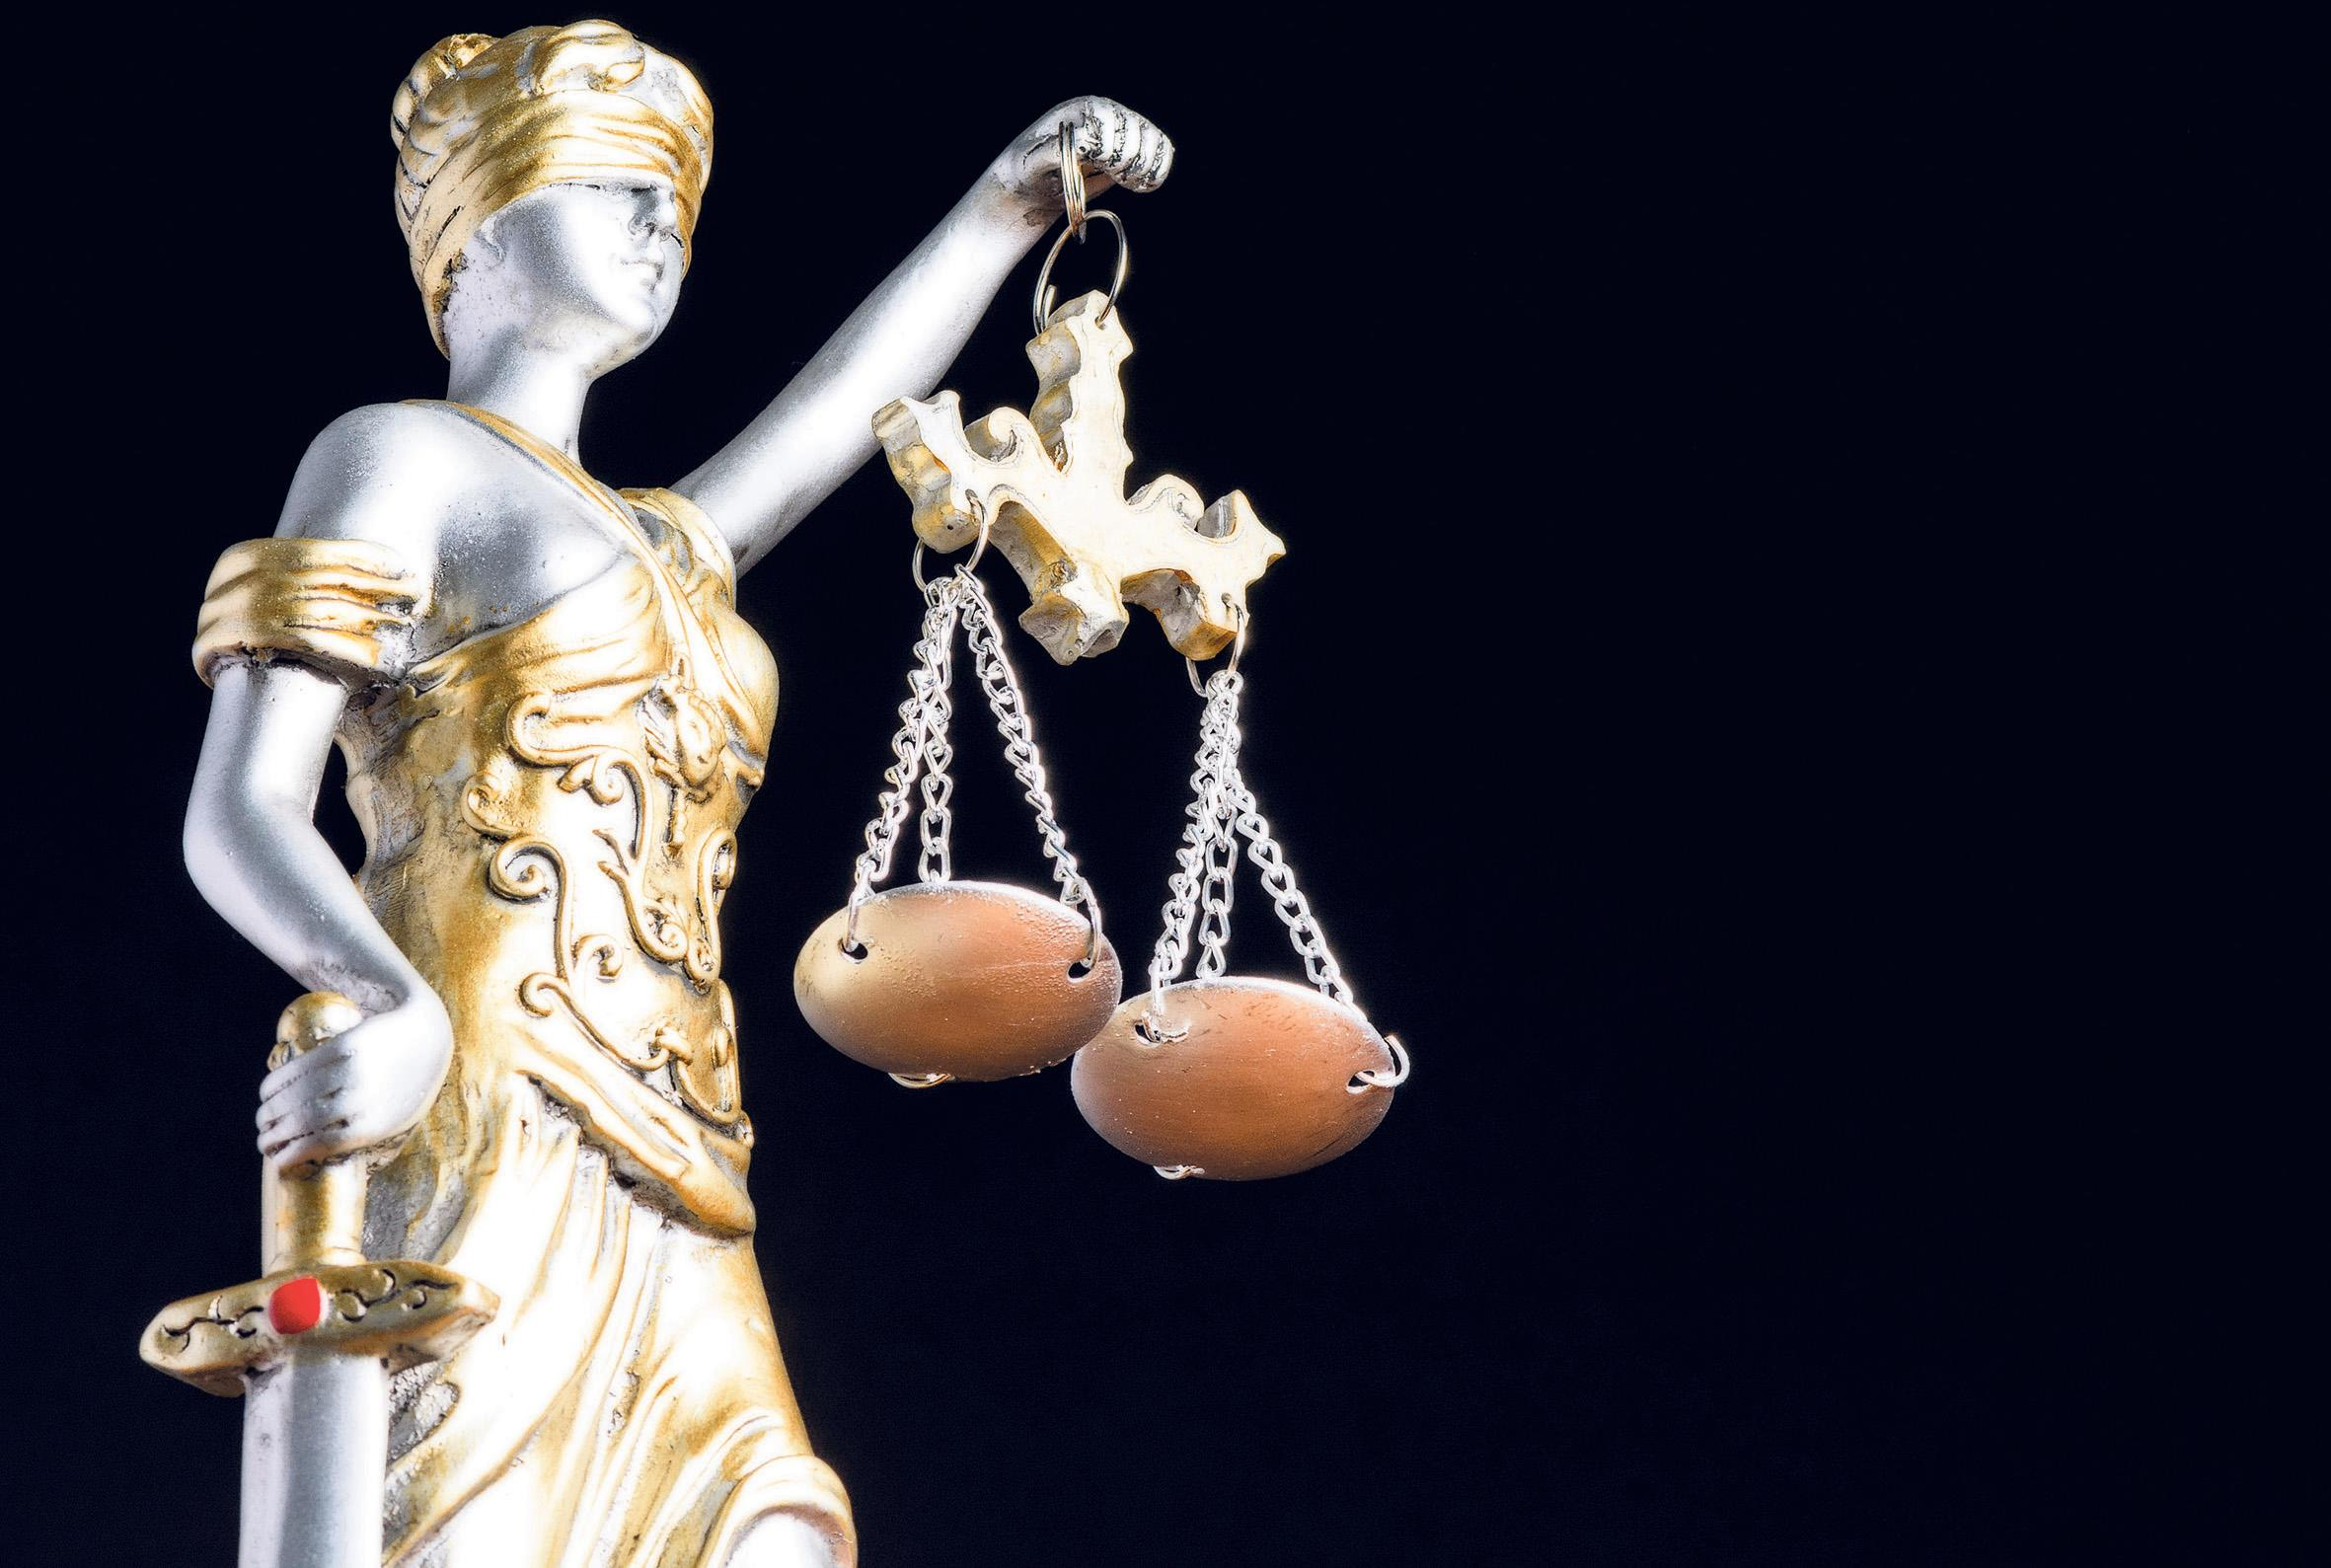 'Ik zie dat dit gezin de gelederen sluit', aanklaagster vraagt om vrijspraak voor vader die verdacht wordt van steken dochter, maar het zit haar niet lekker